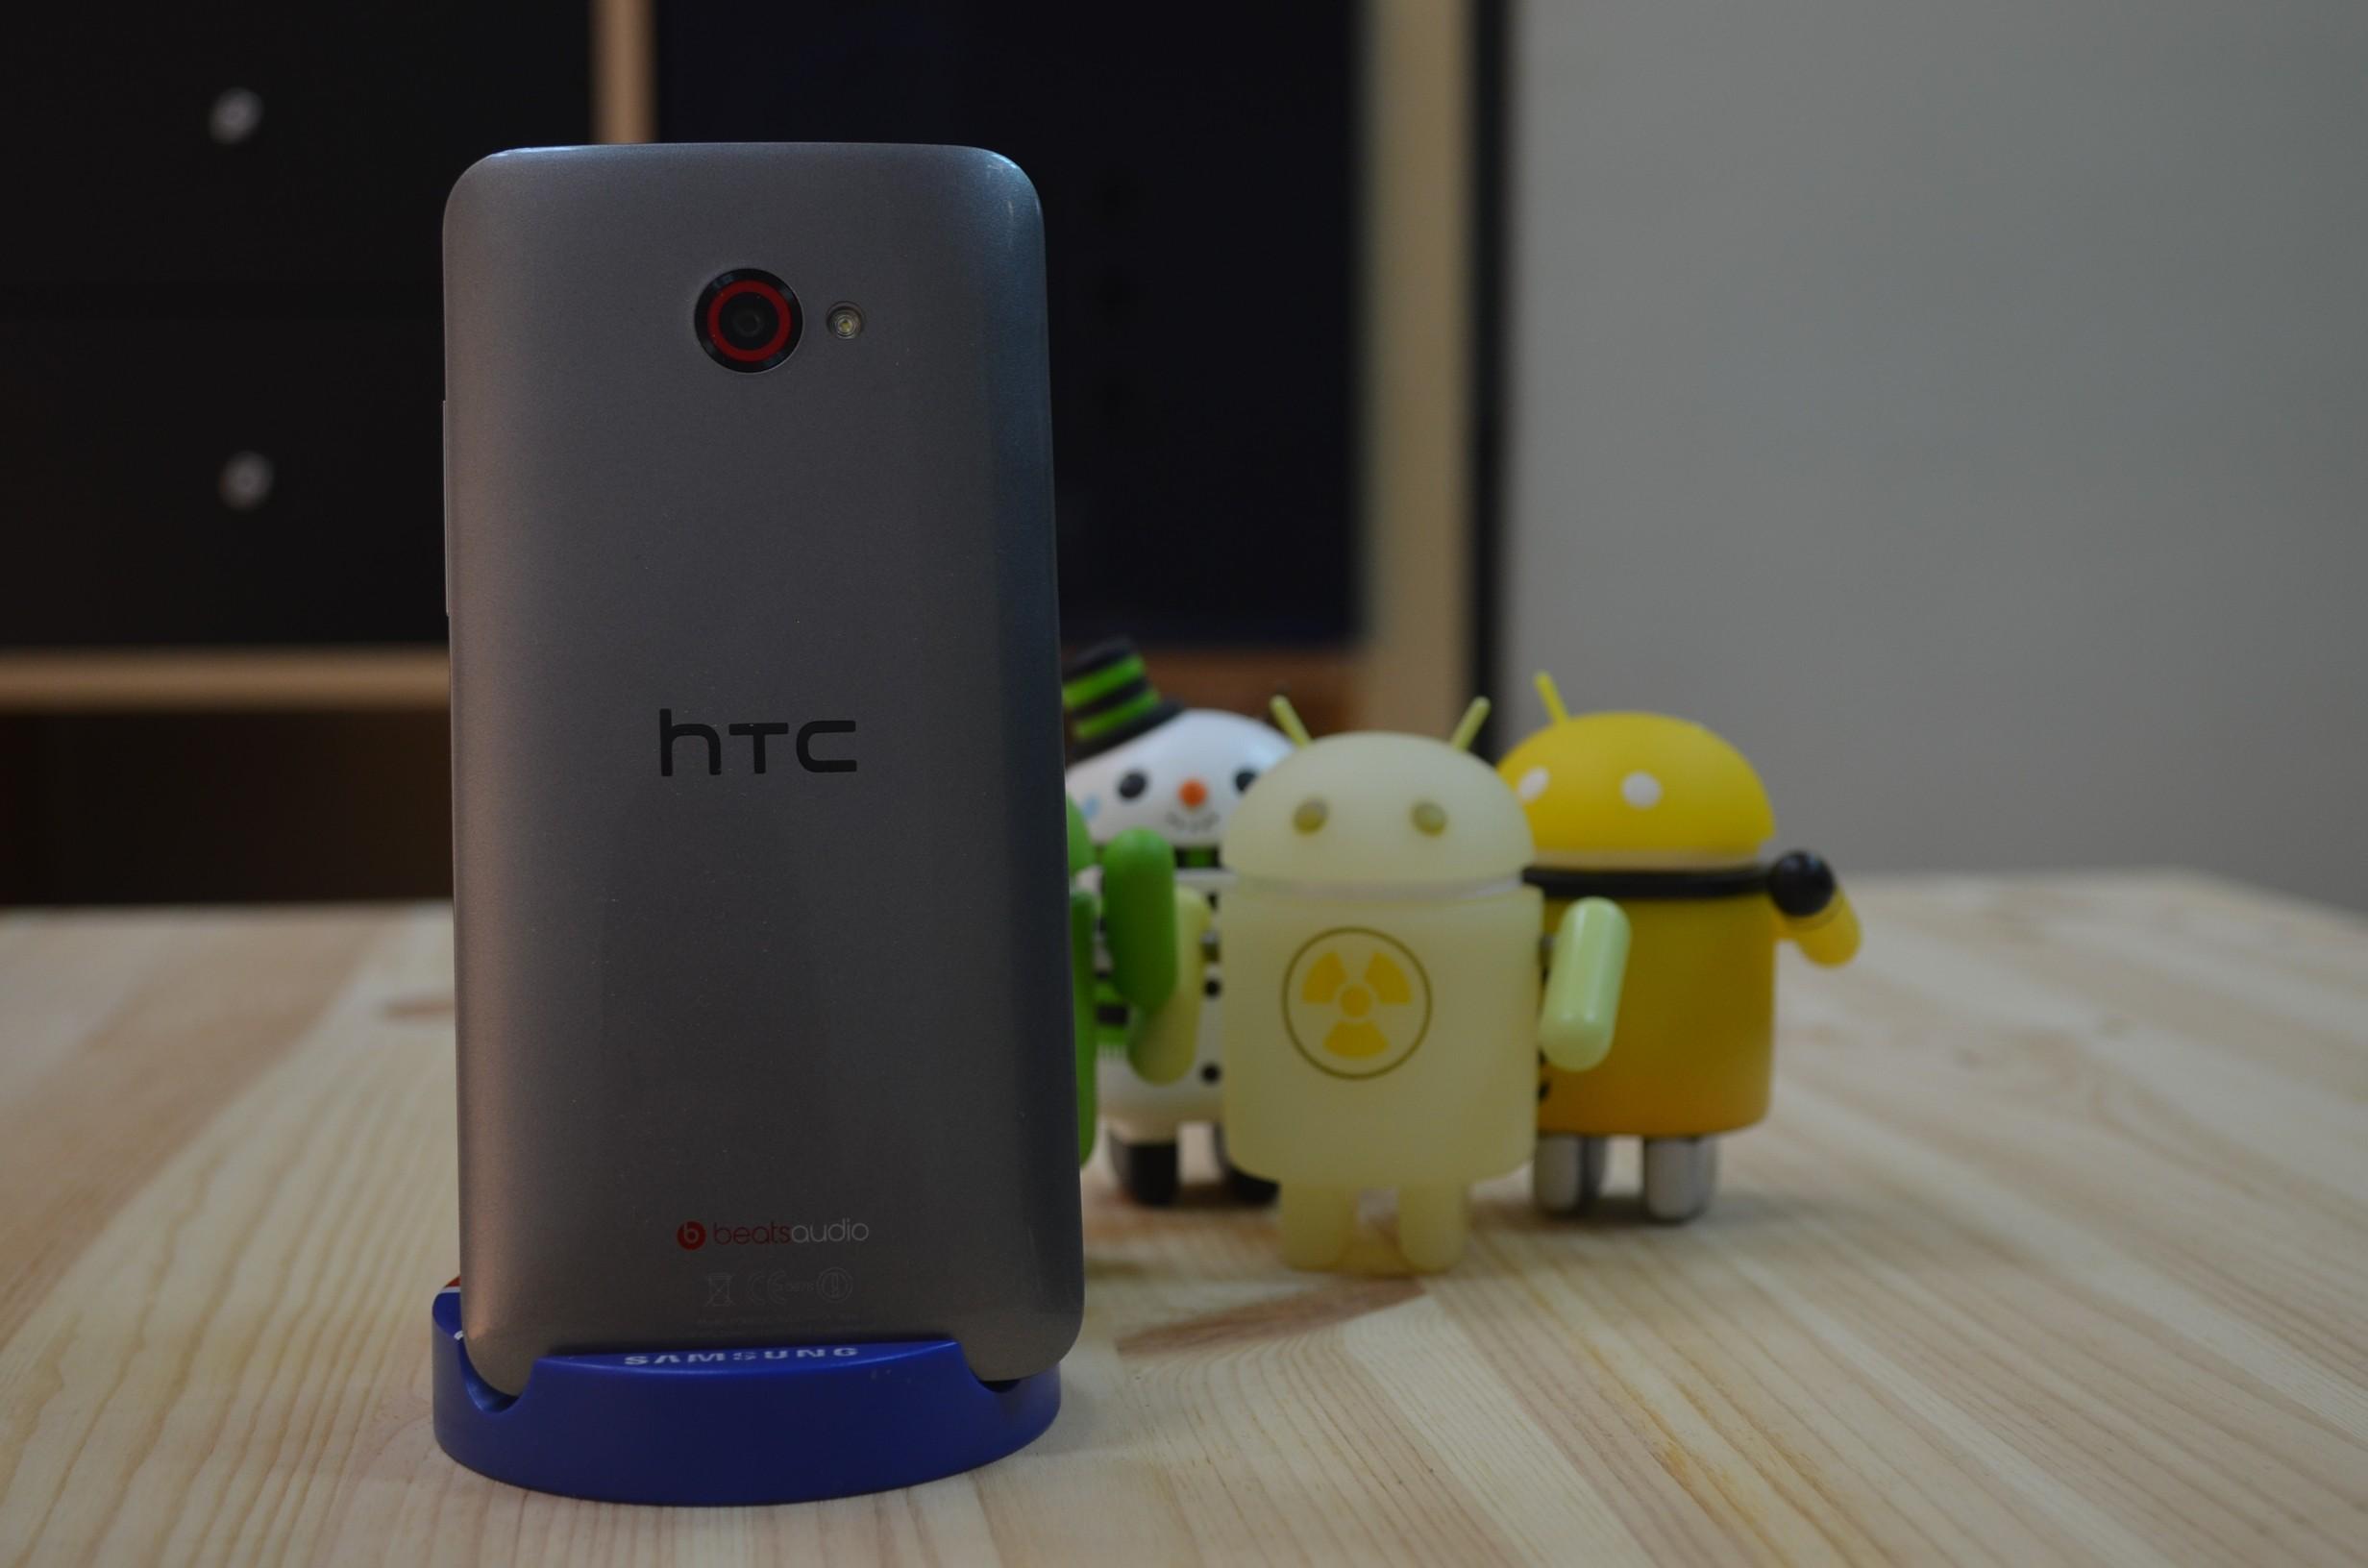 HTC-Butterfly-S-8